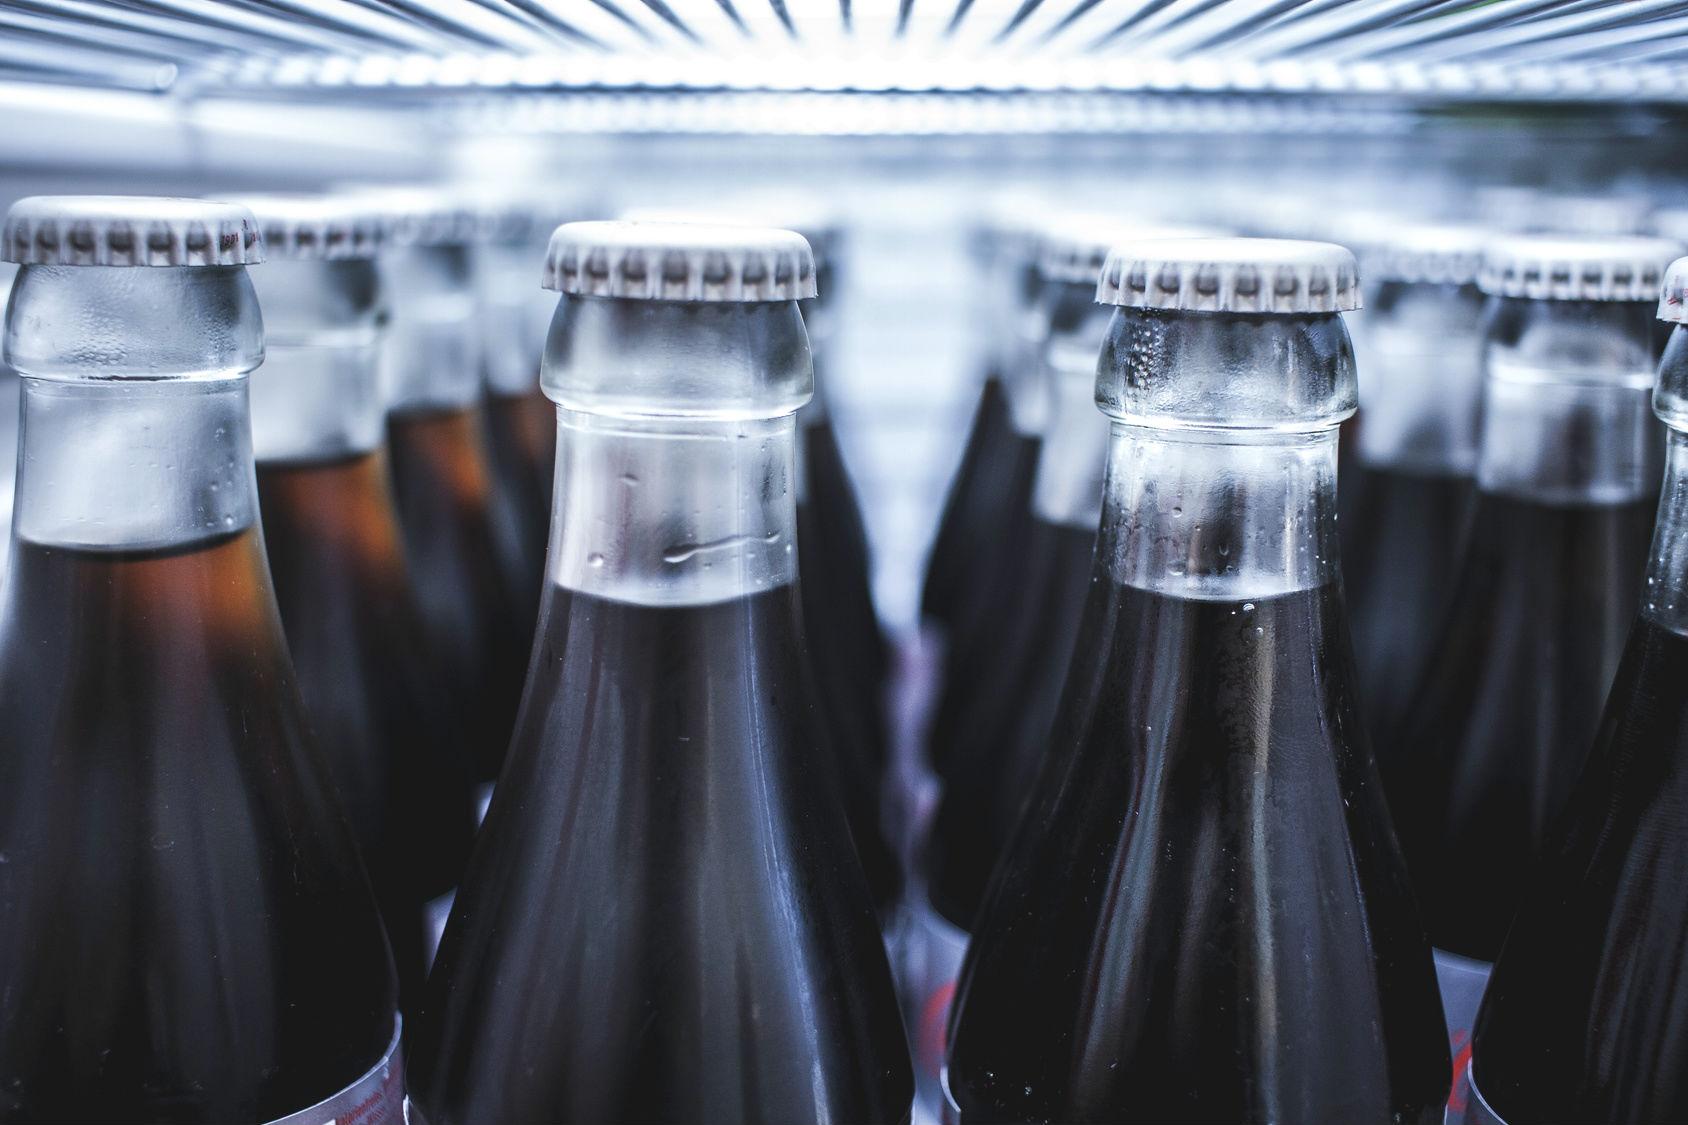 Süße Softdrinks: Wie Cola & Co. die Gesundheit schädigen (+Video)